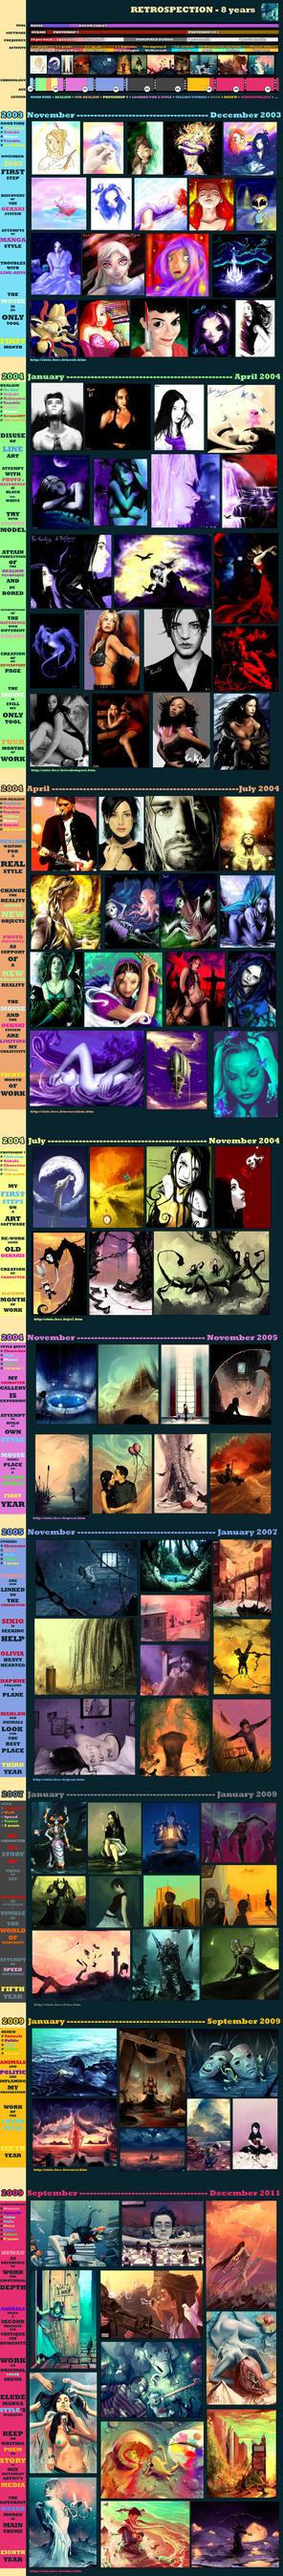 Retrospection 8 years by AquaSixio